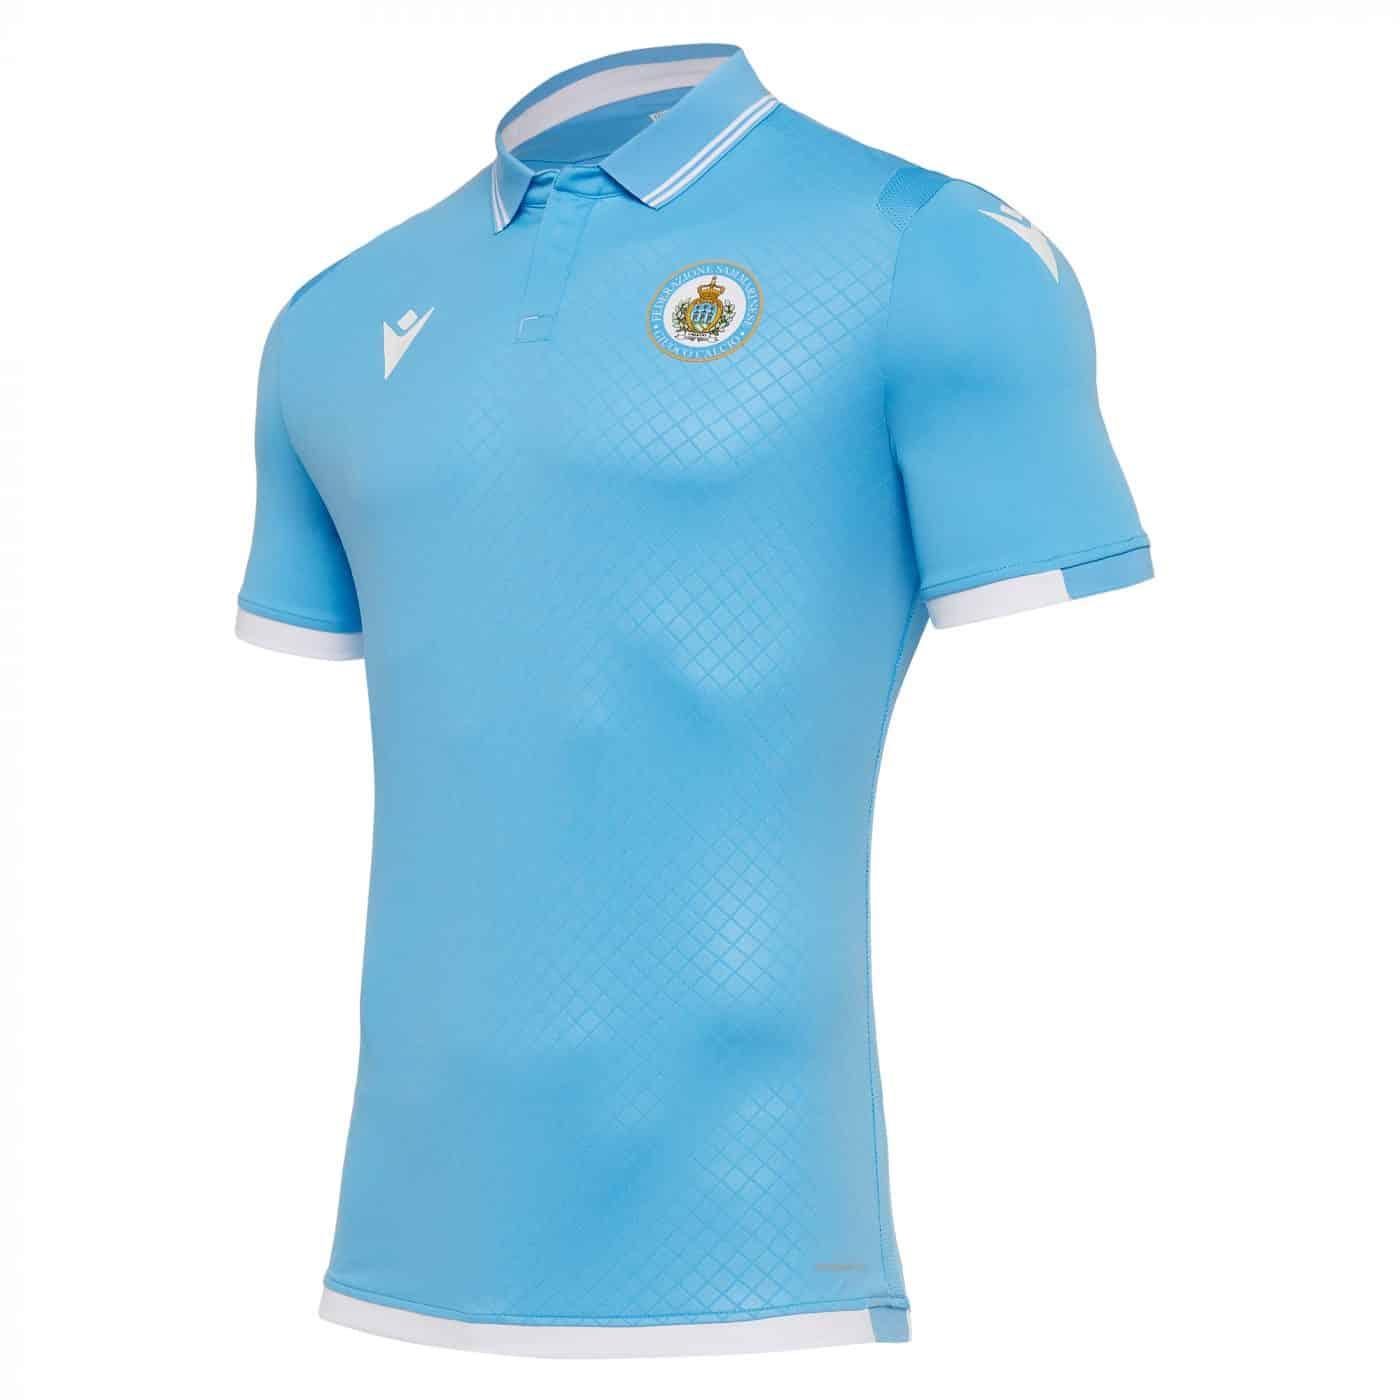 maillot-domicile-saint-marin-2020-2021-macron-uefa-San-Marino-jersey